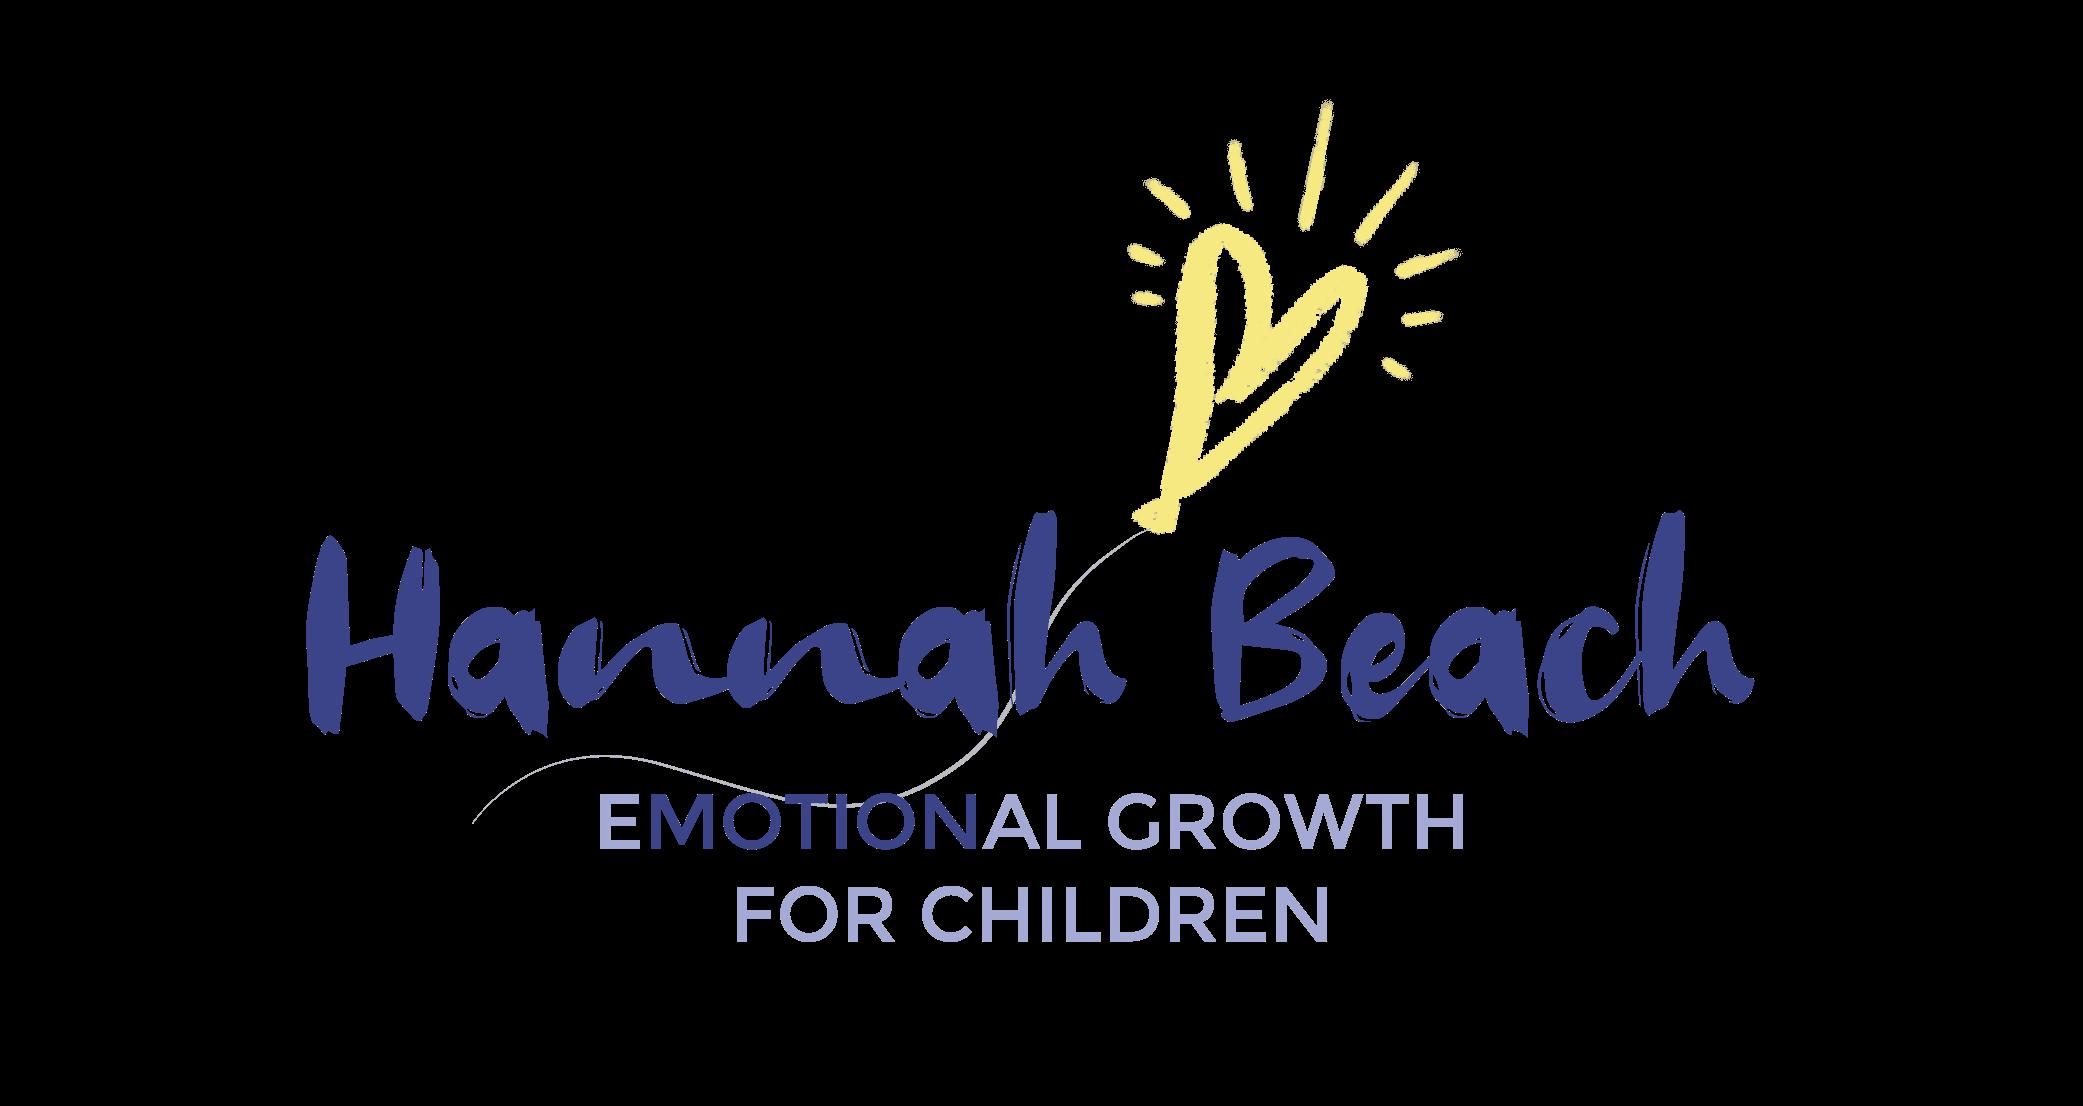 Hannah Beach